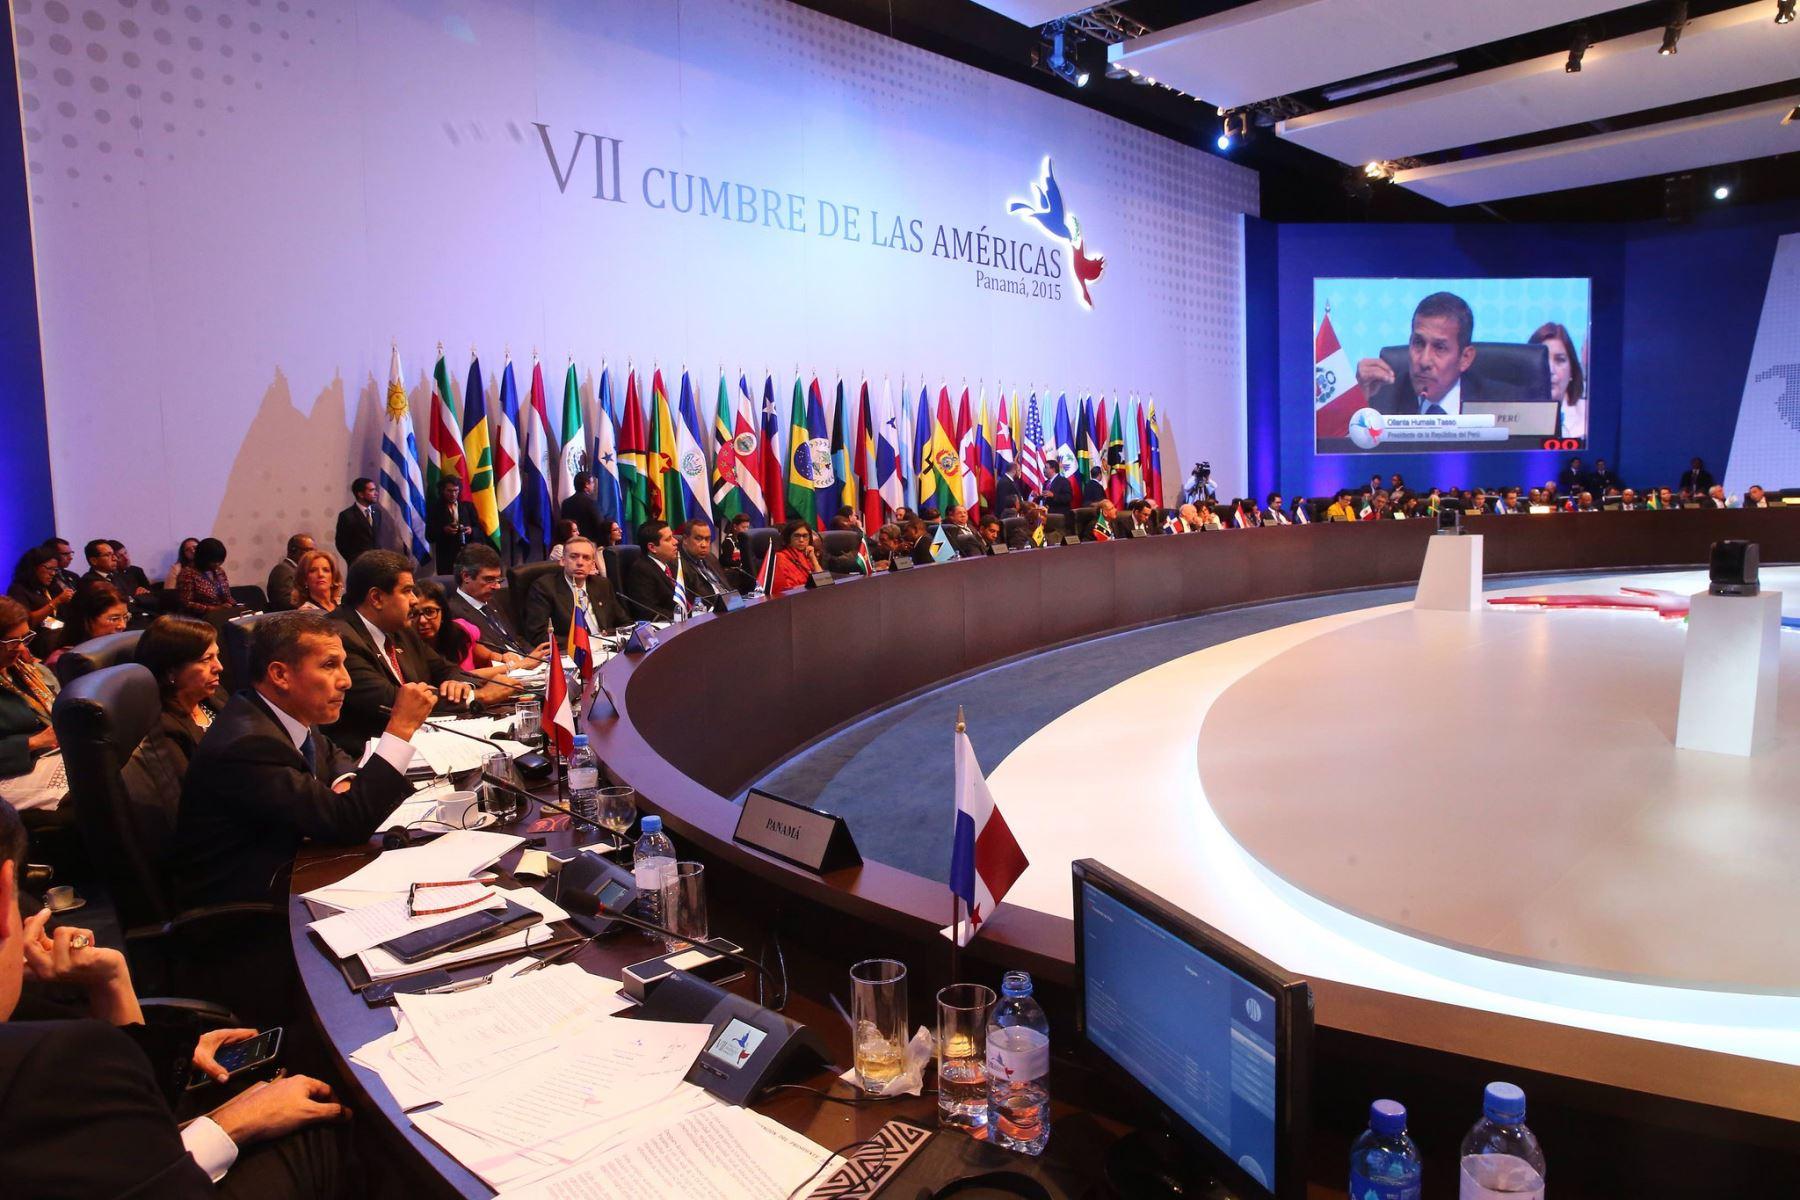 Presidente Ollanta Humala interviene en VII Cumbre de las Américas